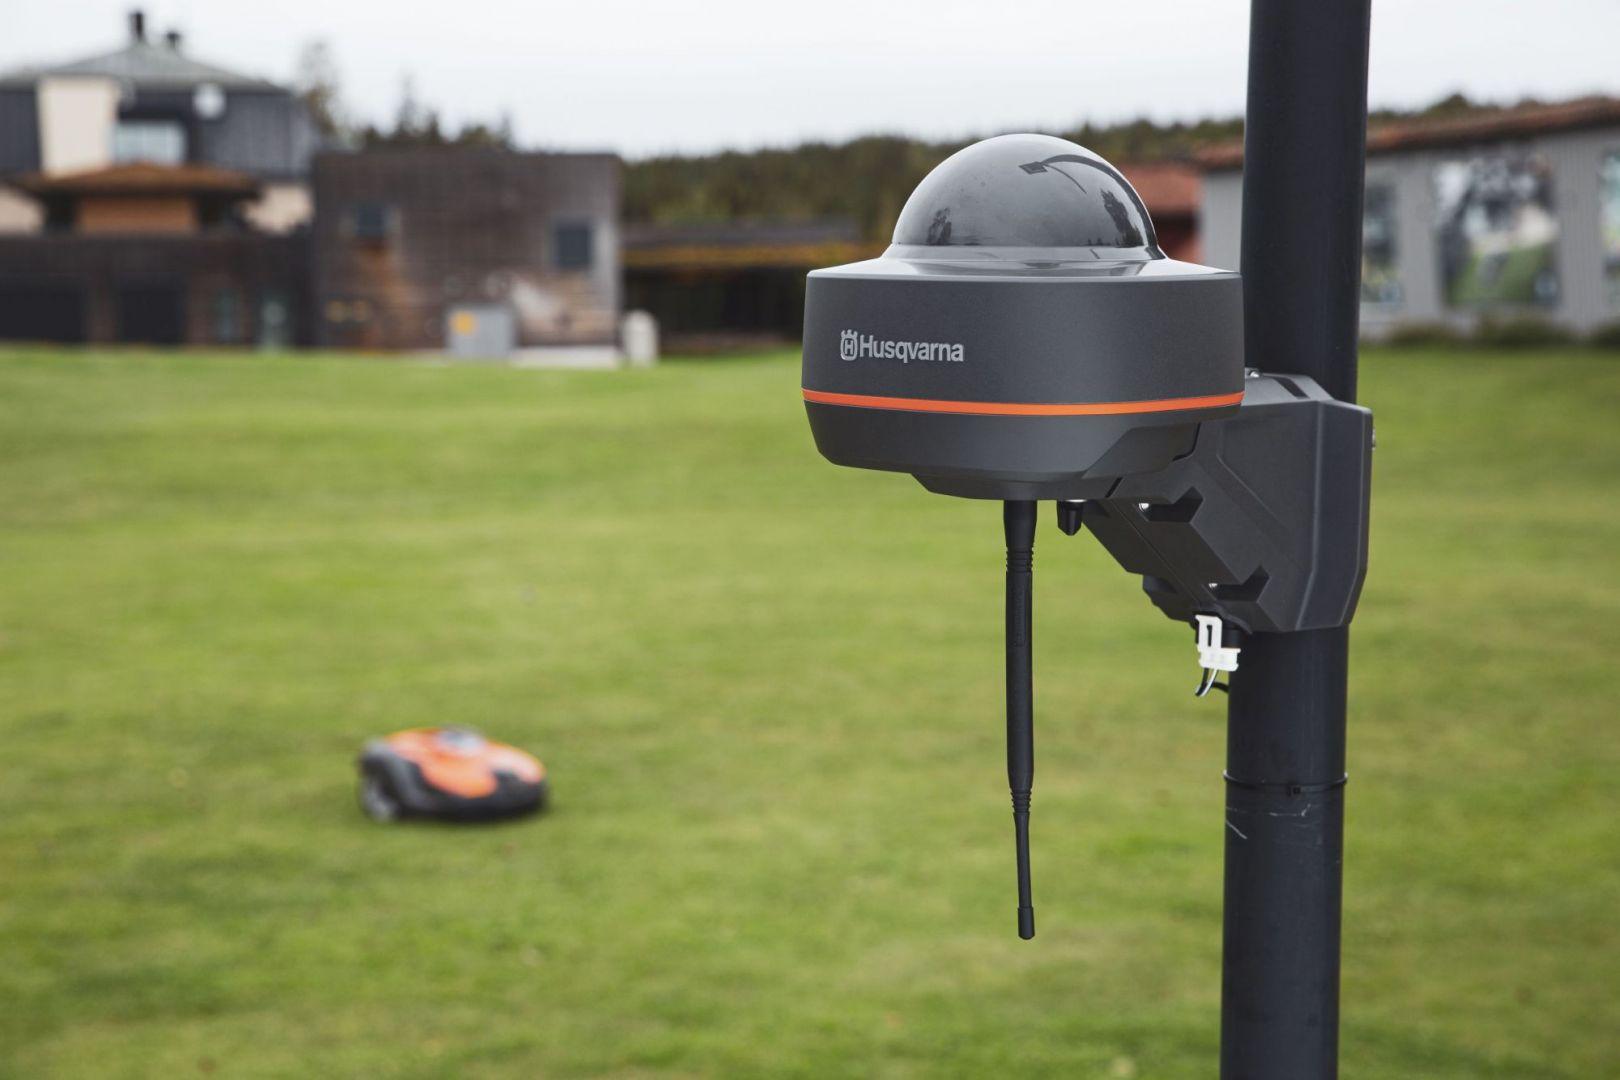 Technologia Husqvarna EPOS to rozwiązanie satelitarne umożliwiające koszenie z wirtualnymi granicami, które jest przeznaczone do nowej serii profesjonalnych kosiarek automatycznych Husqvarna Automower®.Fot. Husqvarna